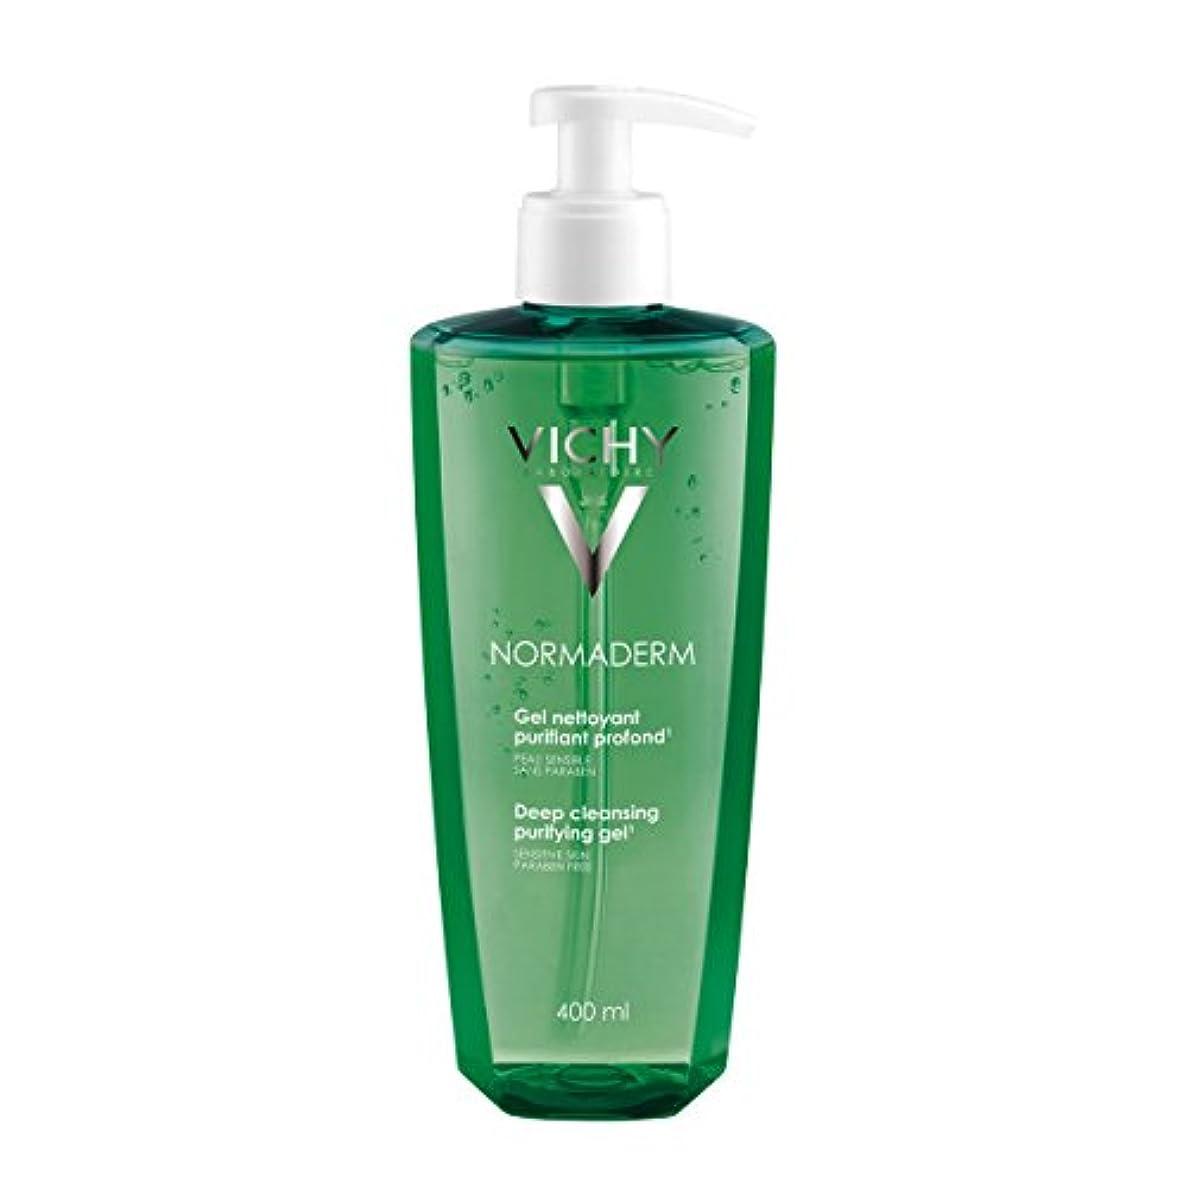 Vichy Normaderm Deep Cleansing Gel 200ml [並行輸入品]